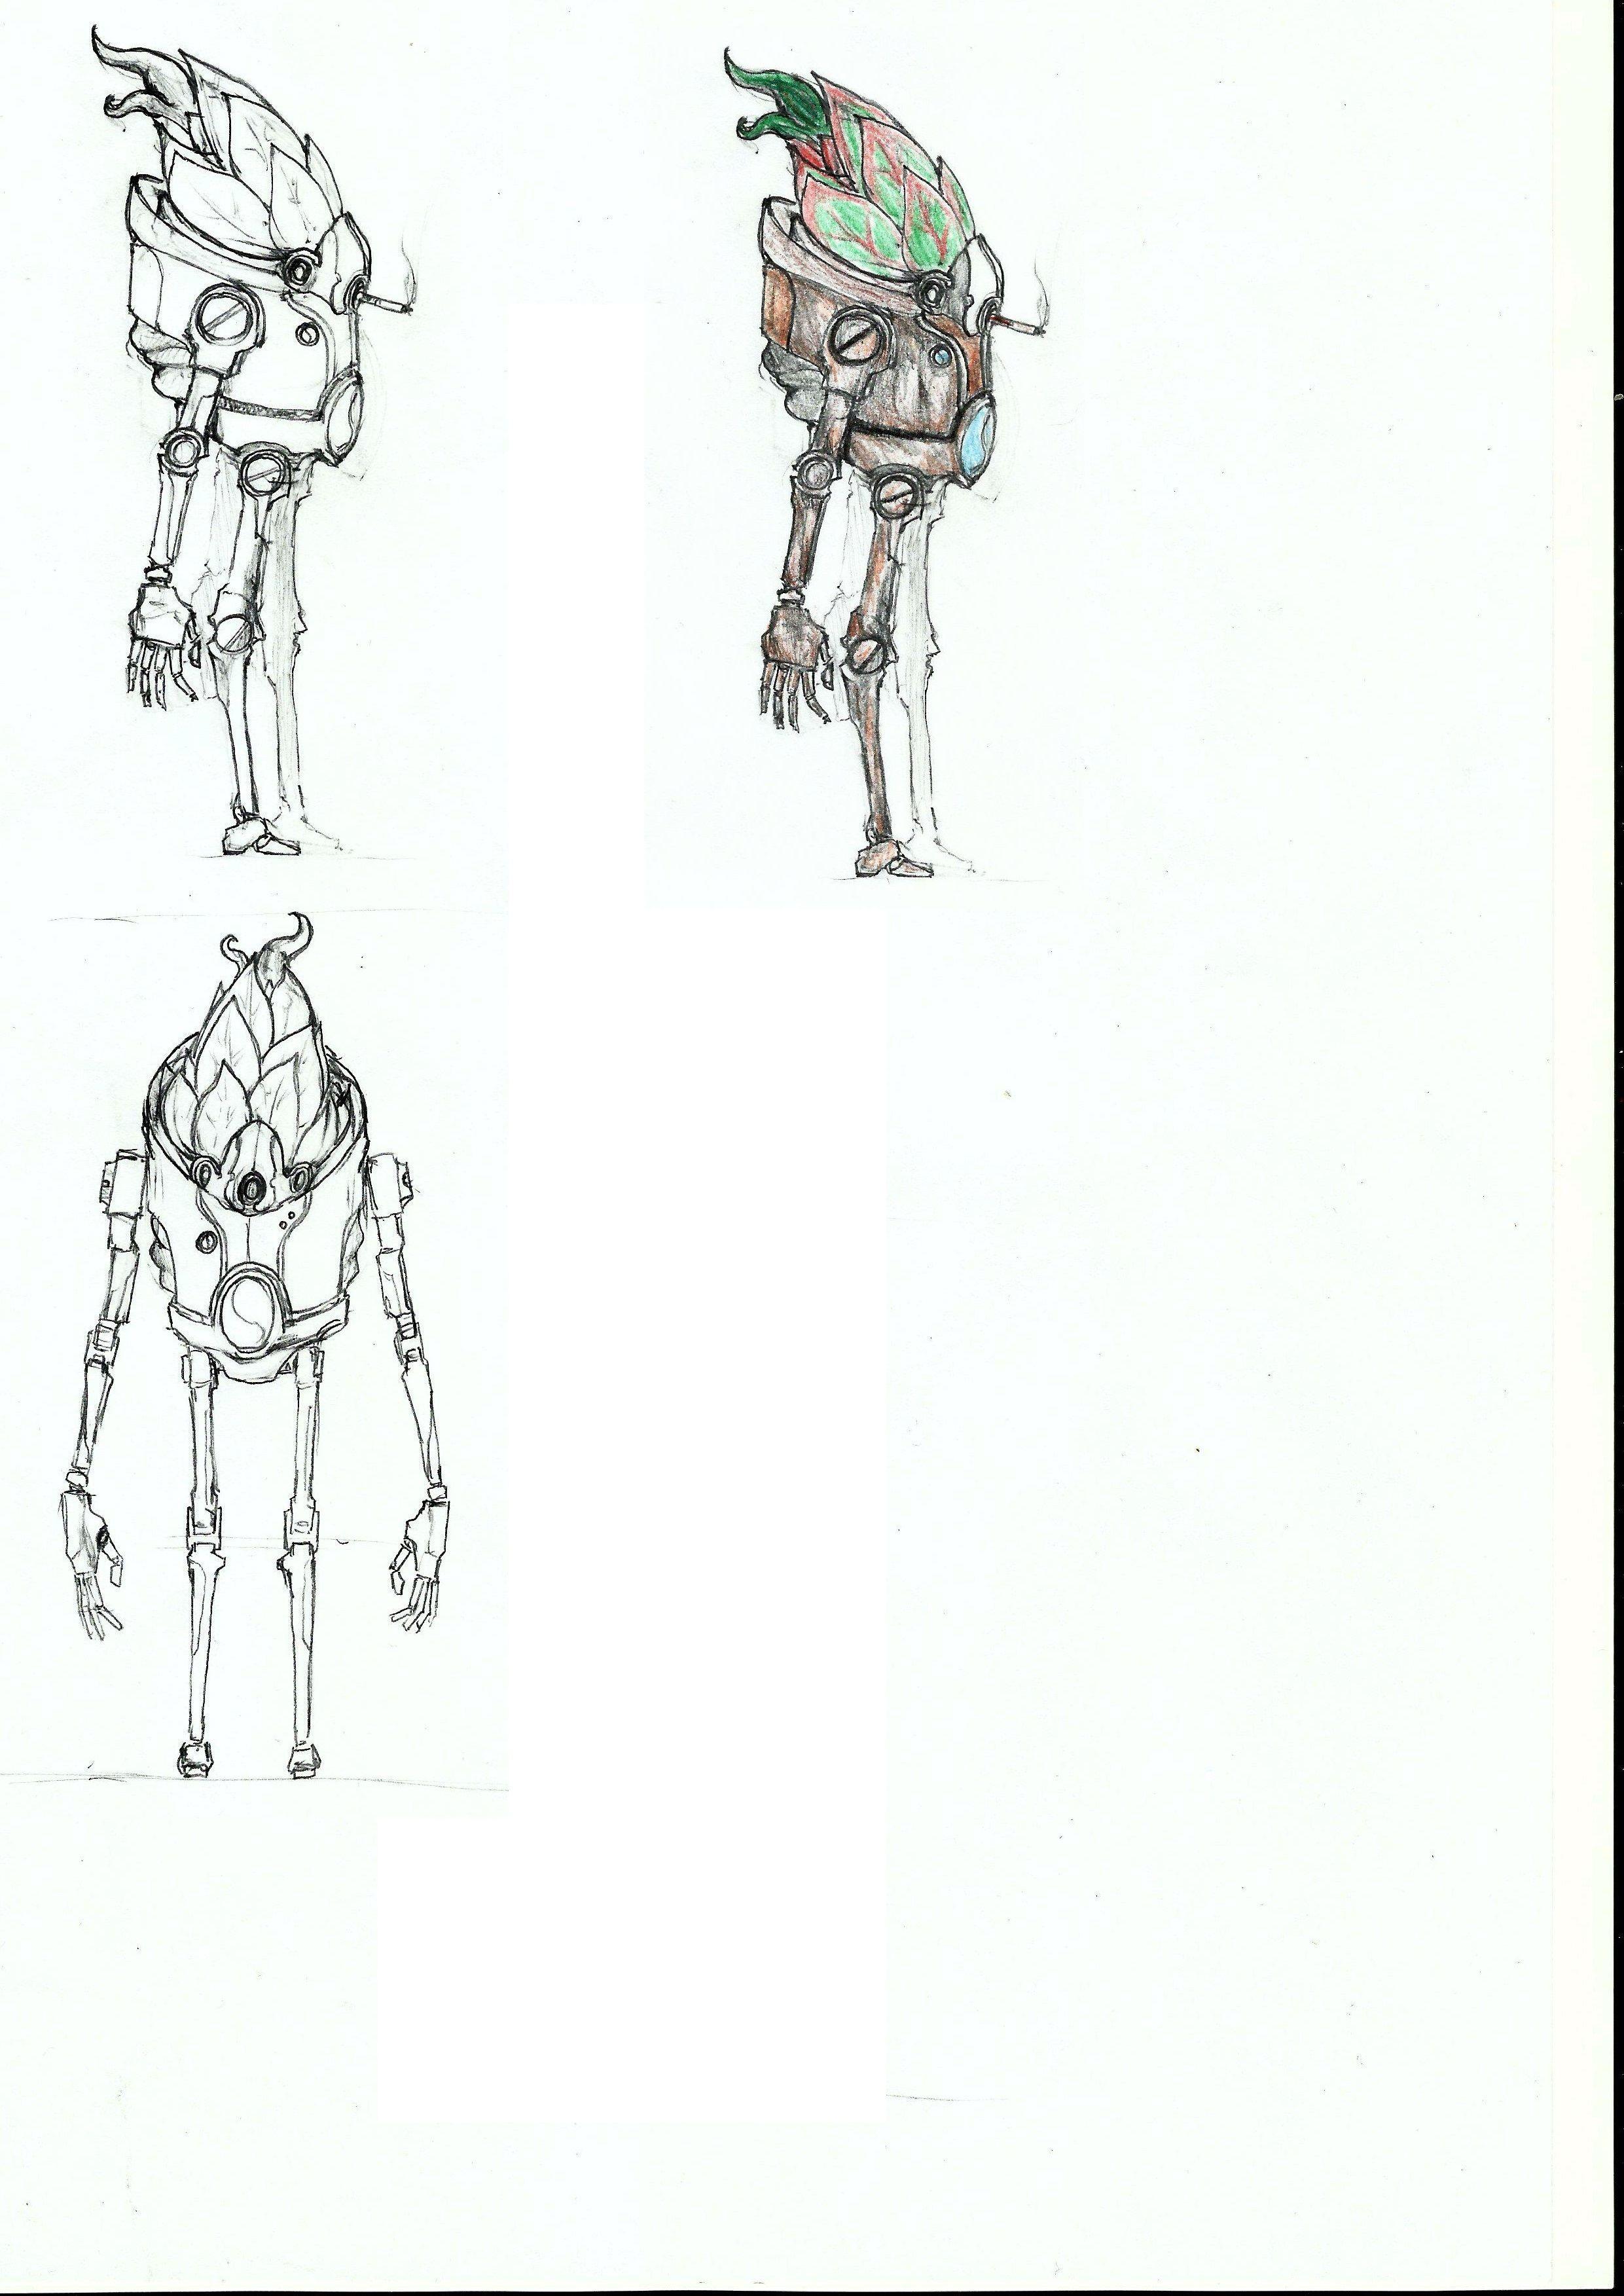 Нужен скетч персонажа для игры - дизайнер NorthFier